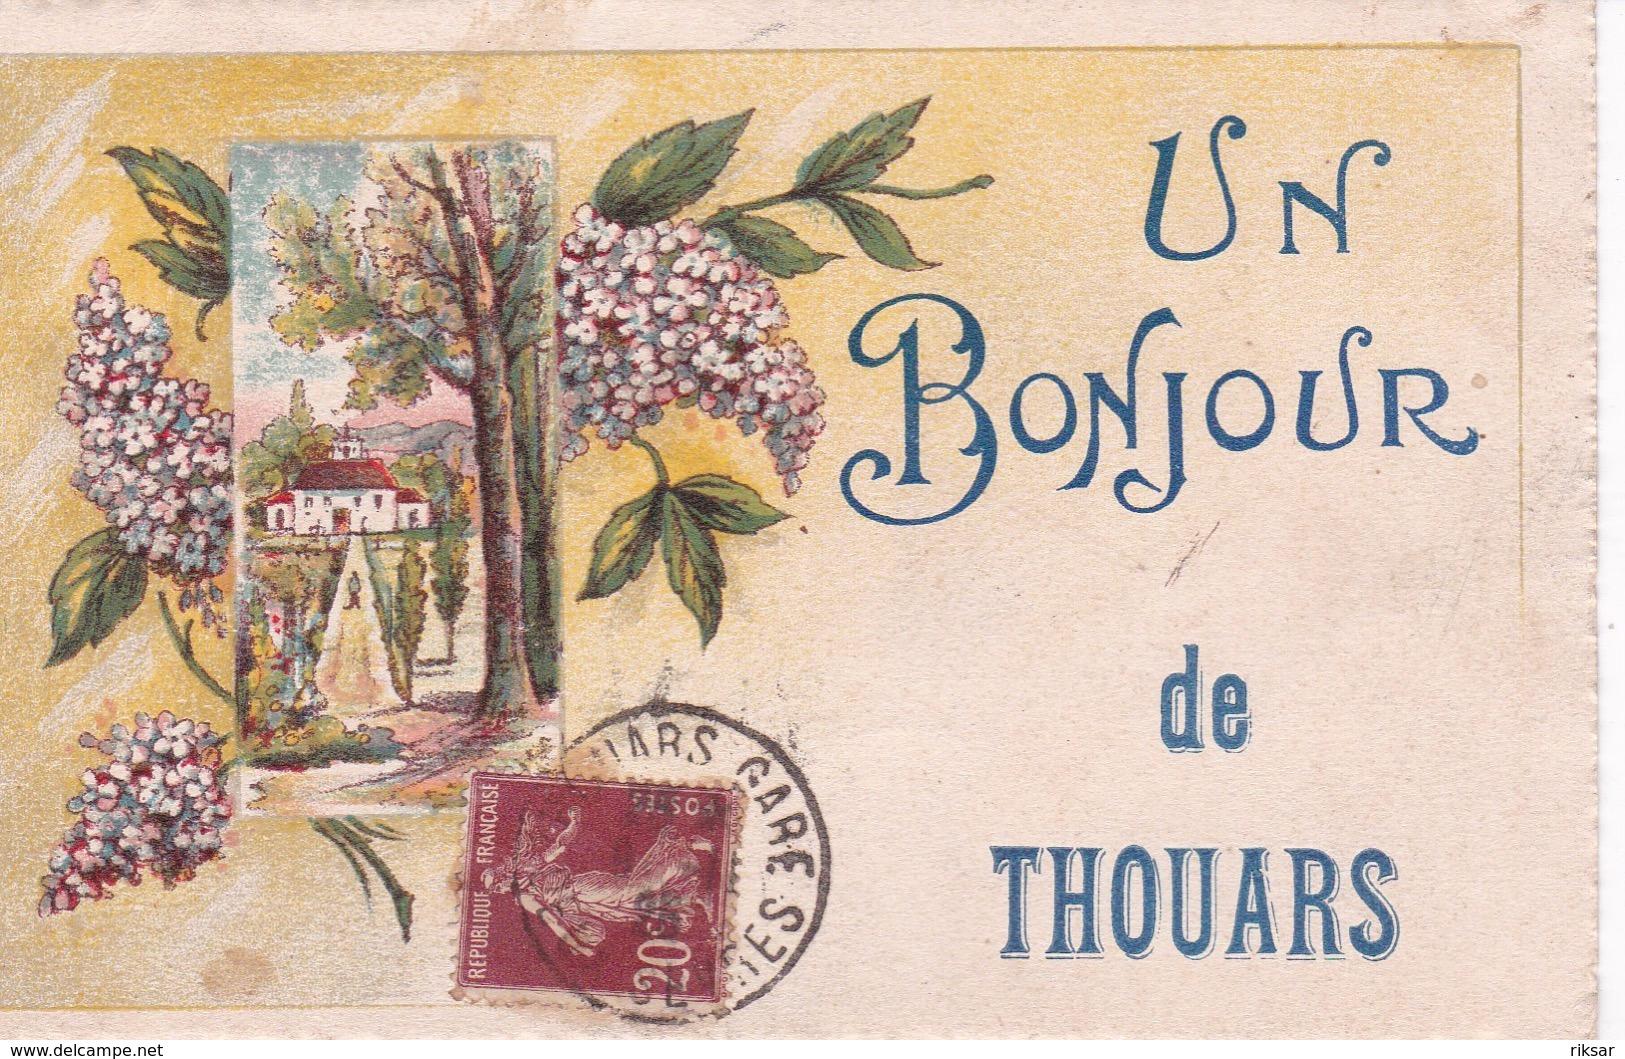 THOUARS - Thouars